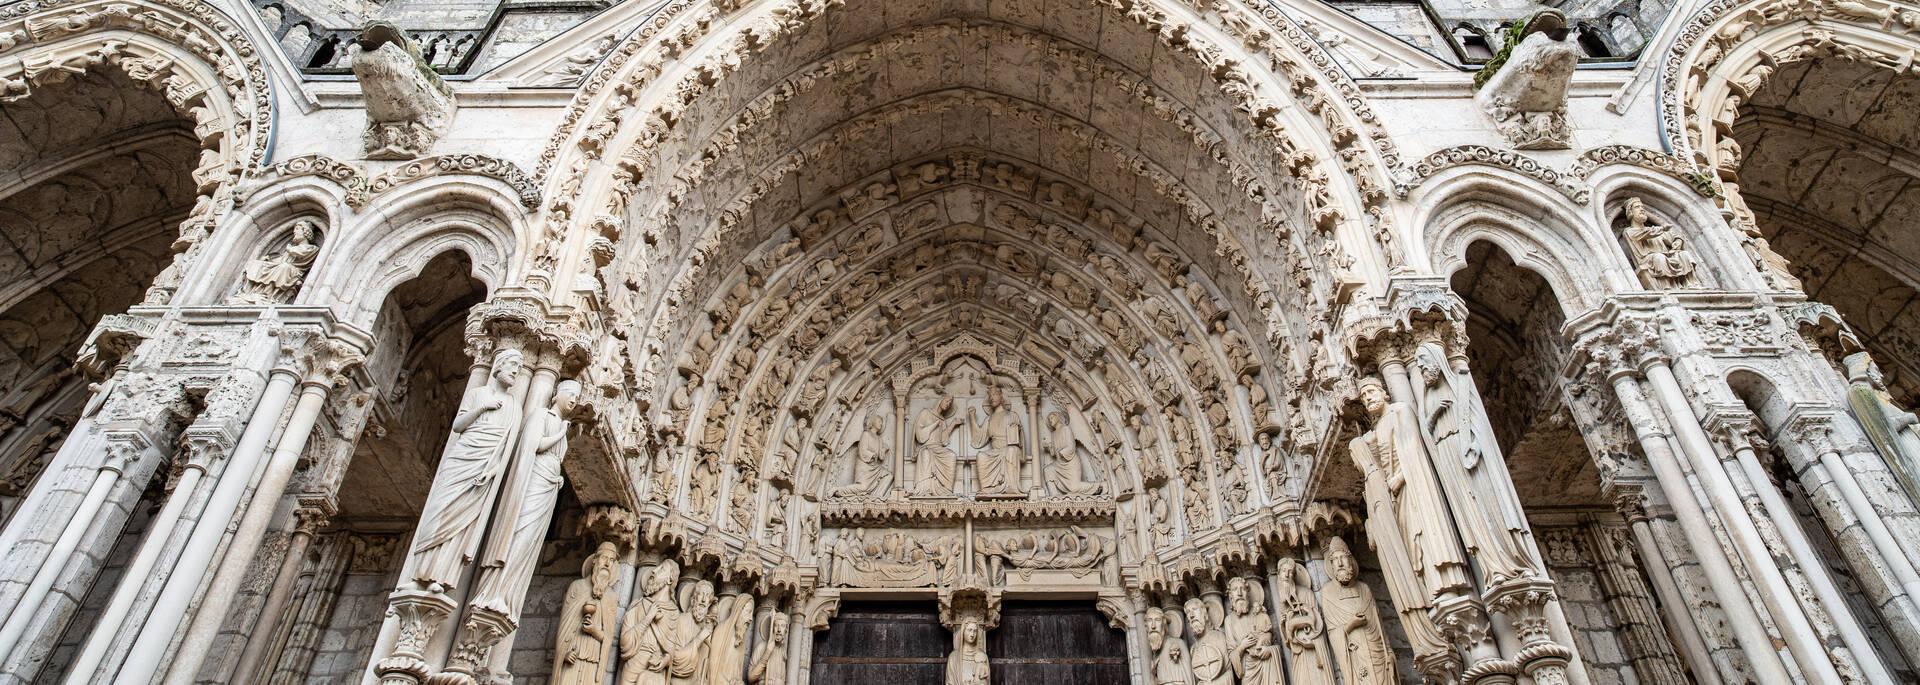 Cathédrale de Chartres - Portail Nord